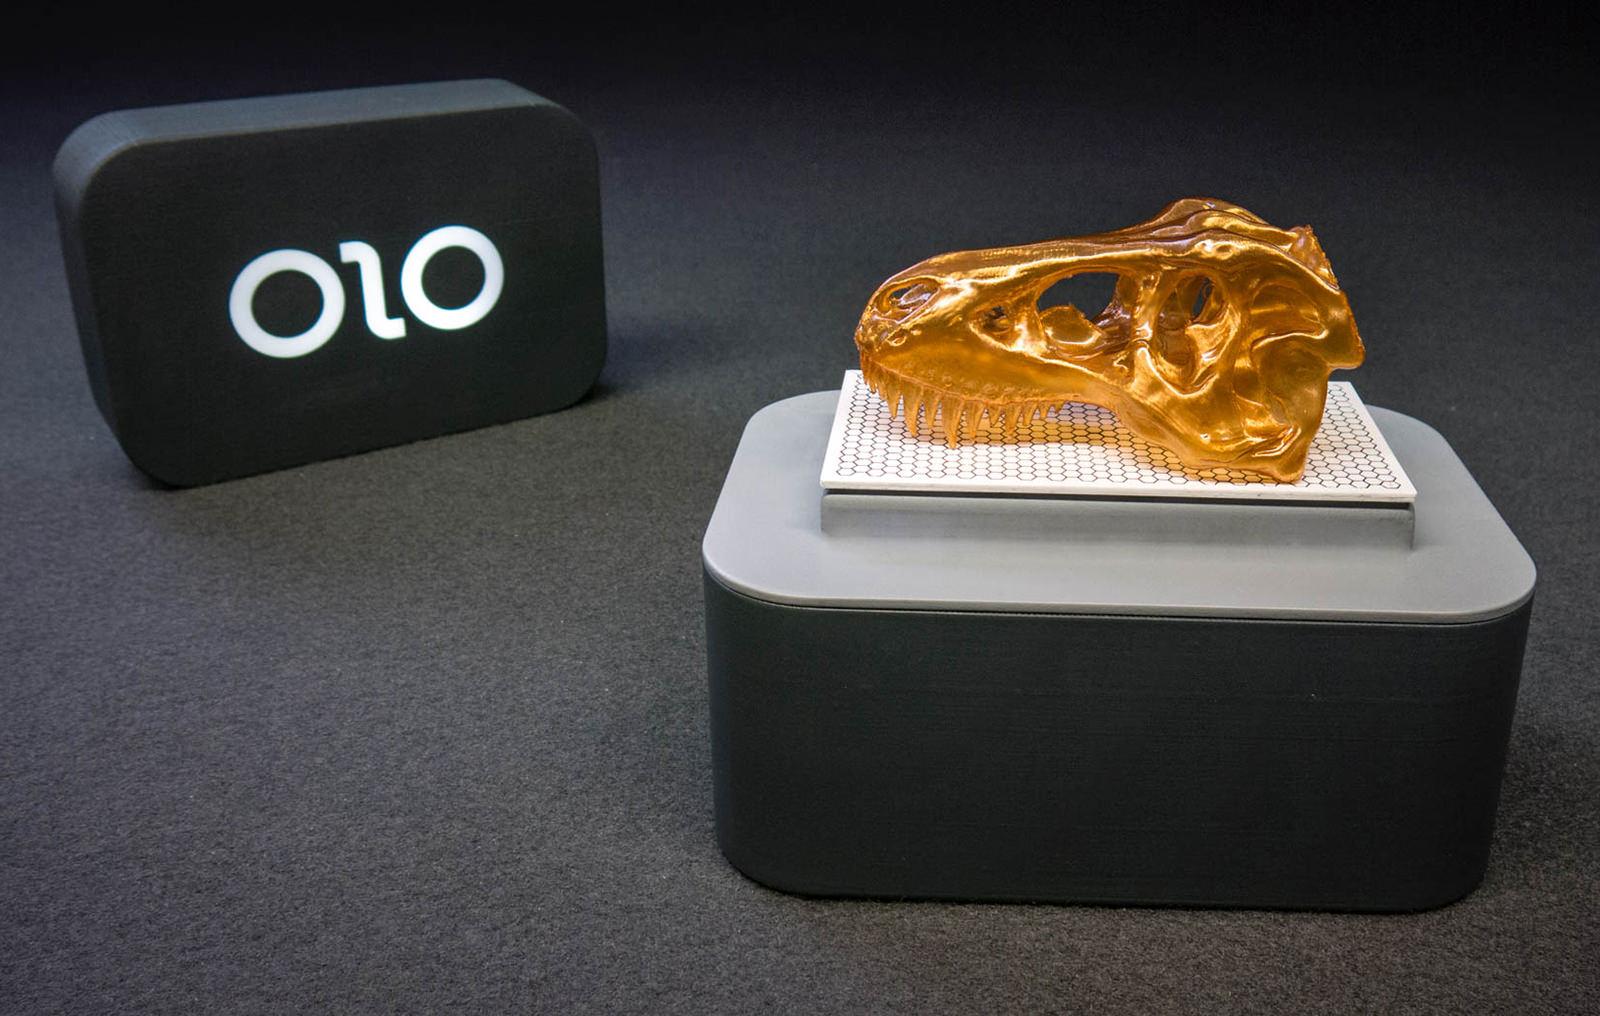 olo-smartphone-3d-printer-5